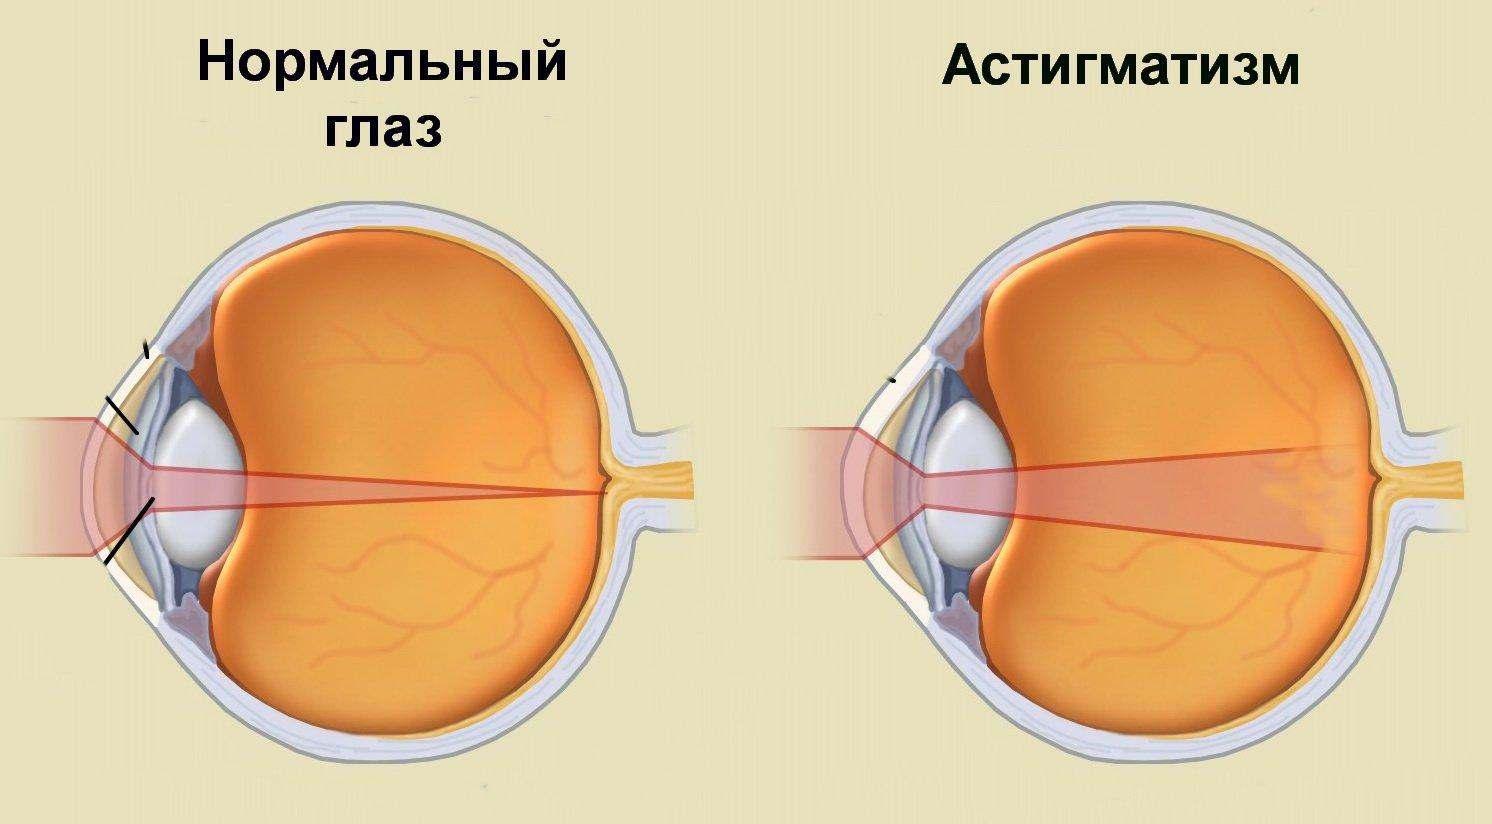 Töltse le a könyv gyakorlatokat a látás helyreállításához - hopehelycukraszda.hu